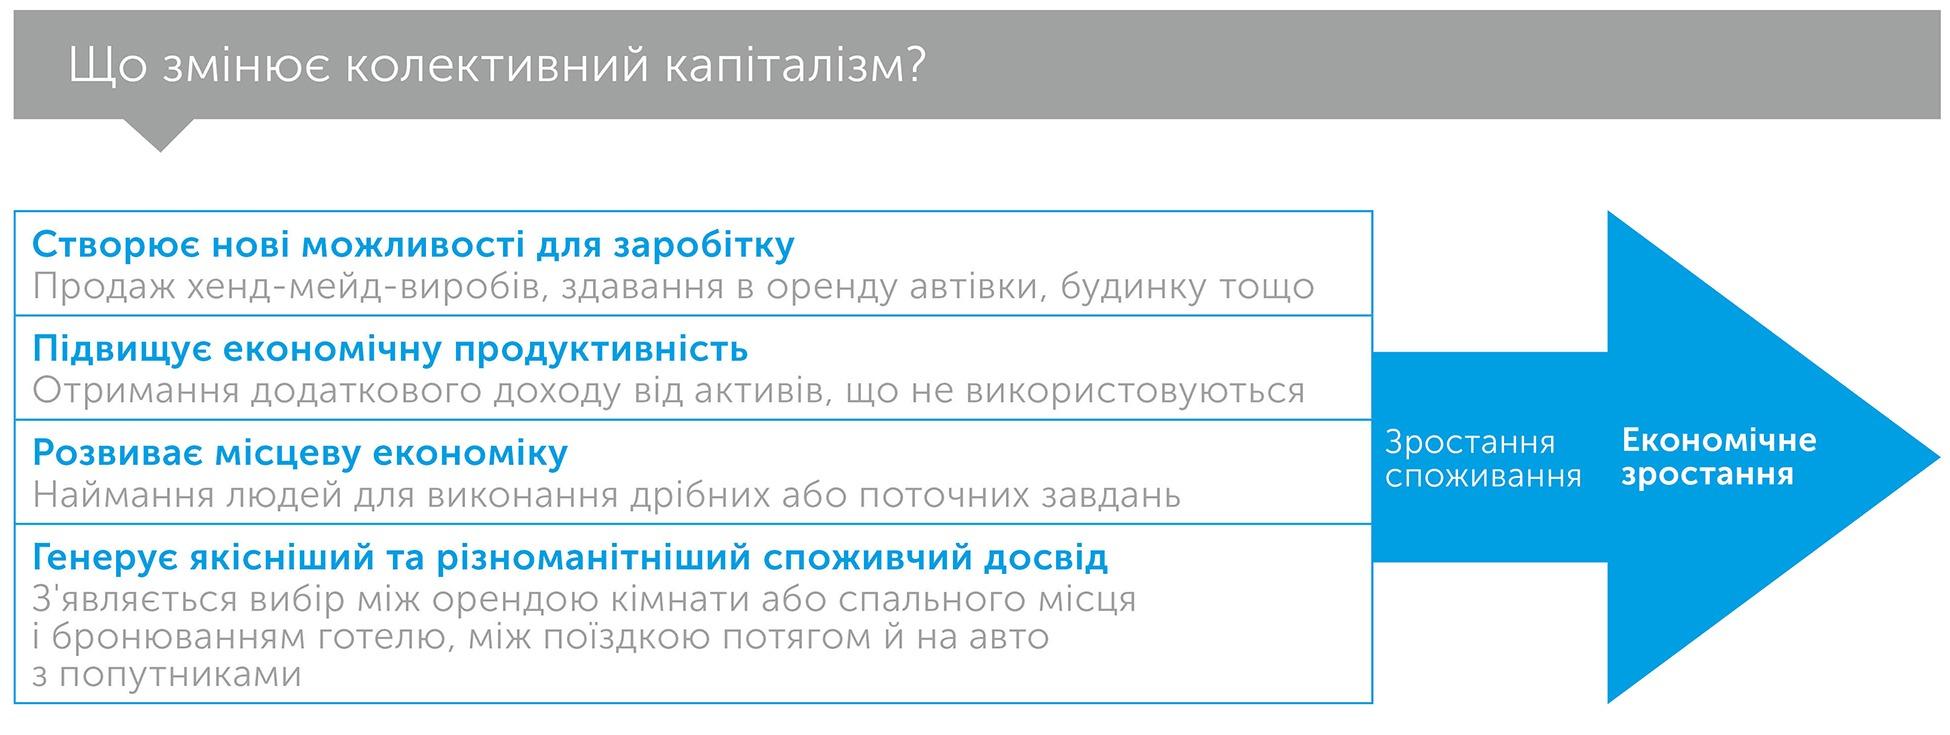 Економіка спільної участі, автор Арун Сундарараджан   Kyivstar Business Hub, зображення №5